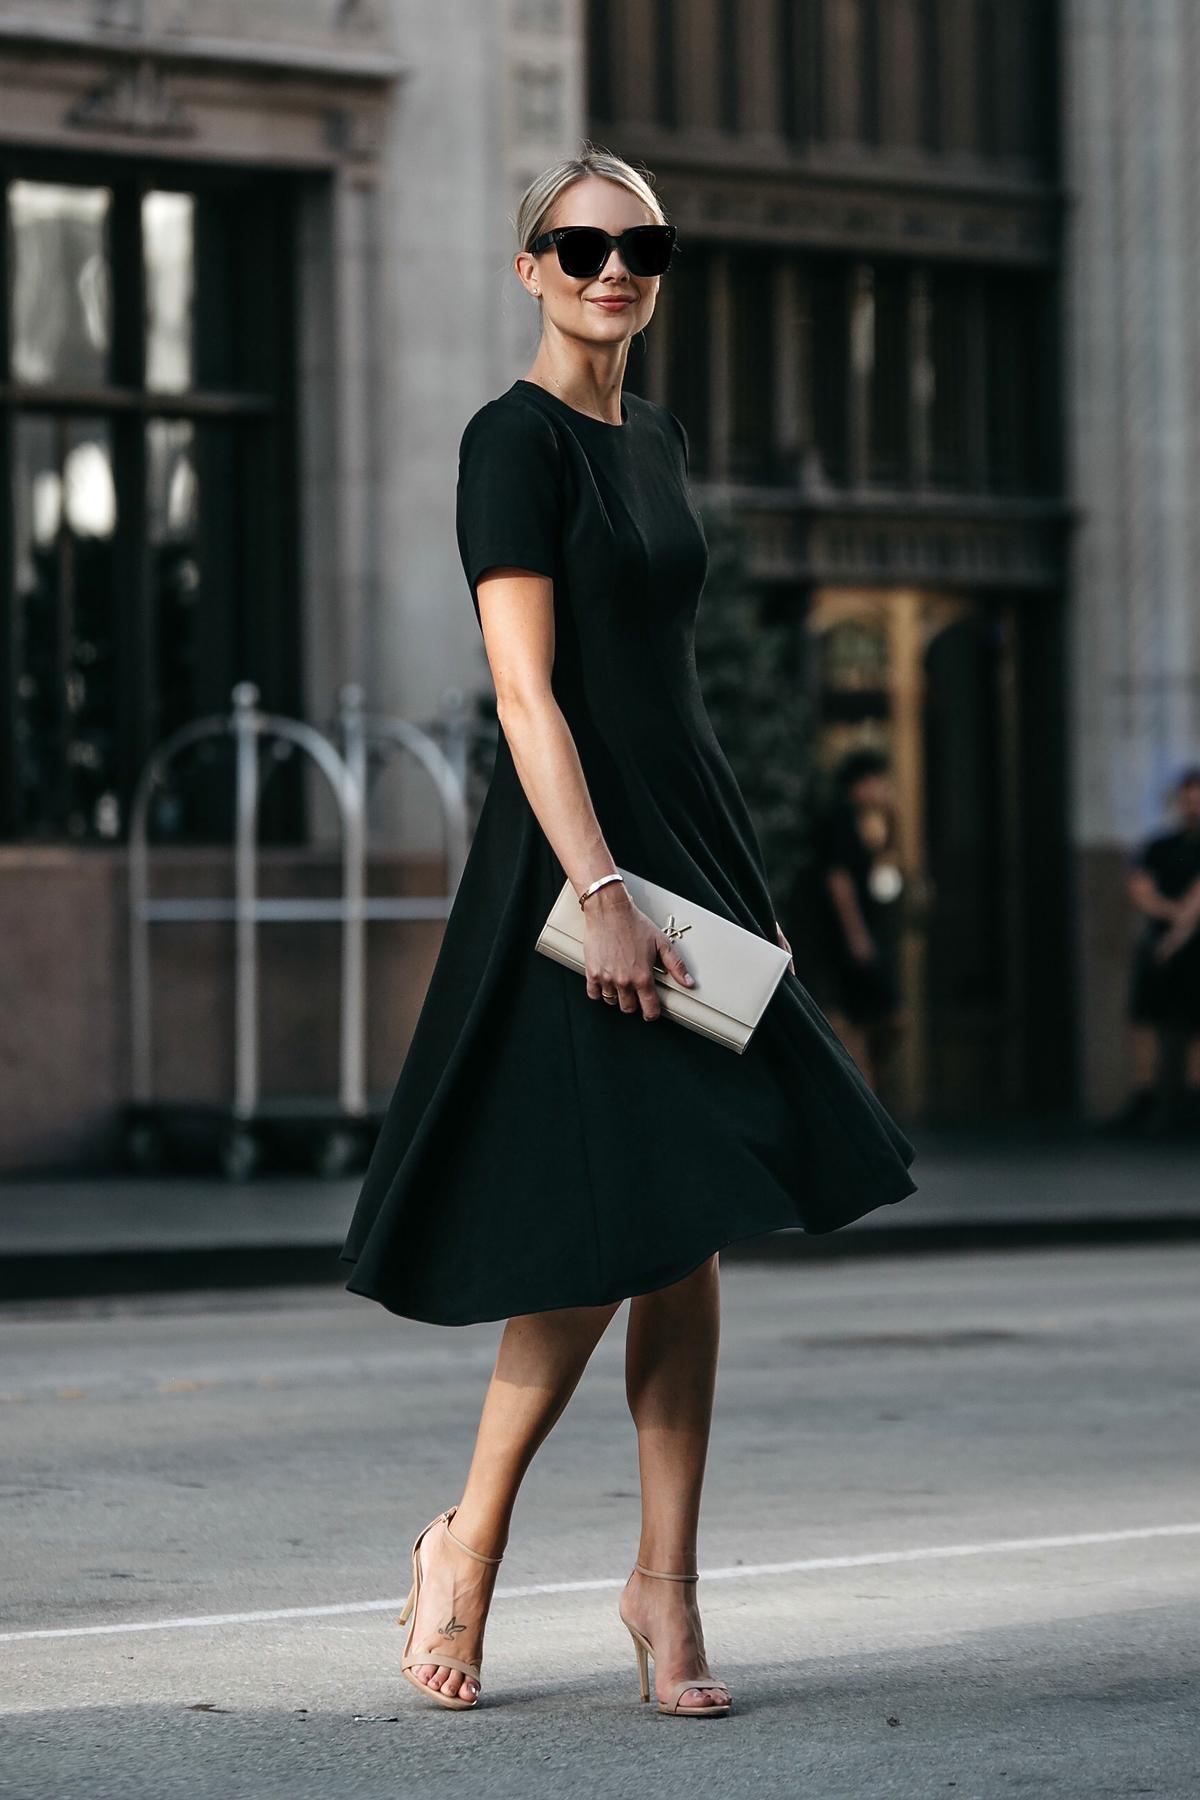 phong cách thời trang tinh tế cùng sắc trắng đen 4